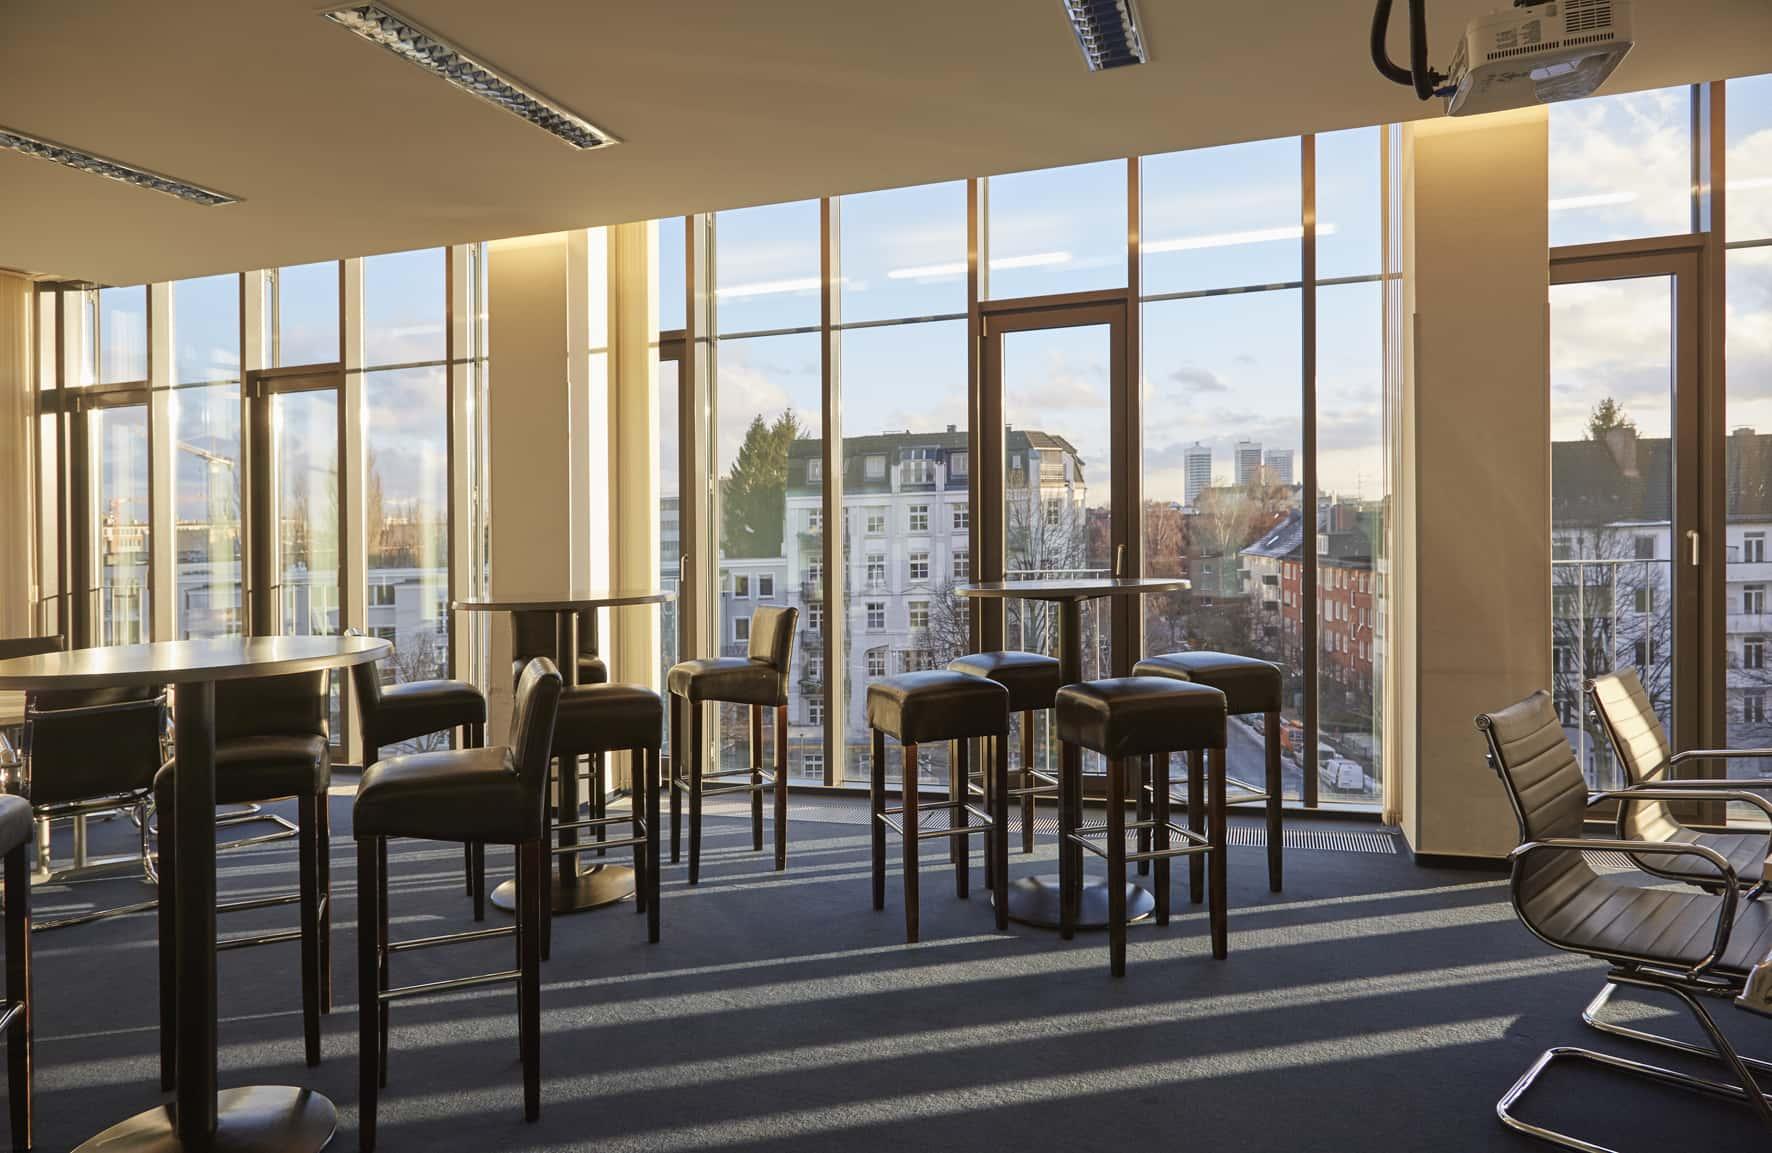 Seminarraum 1 - Stehtische   itb - Institut für Training und Beratung in Hamburg